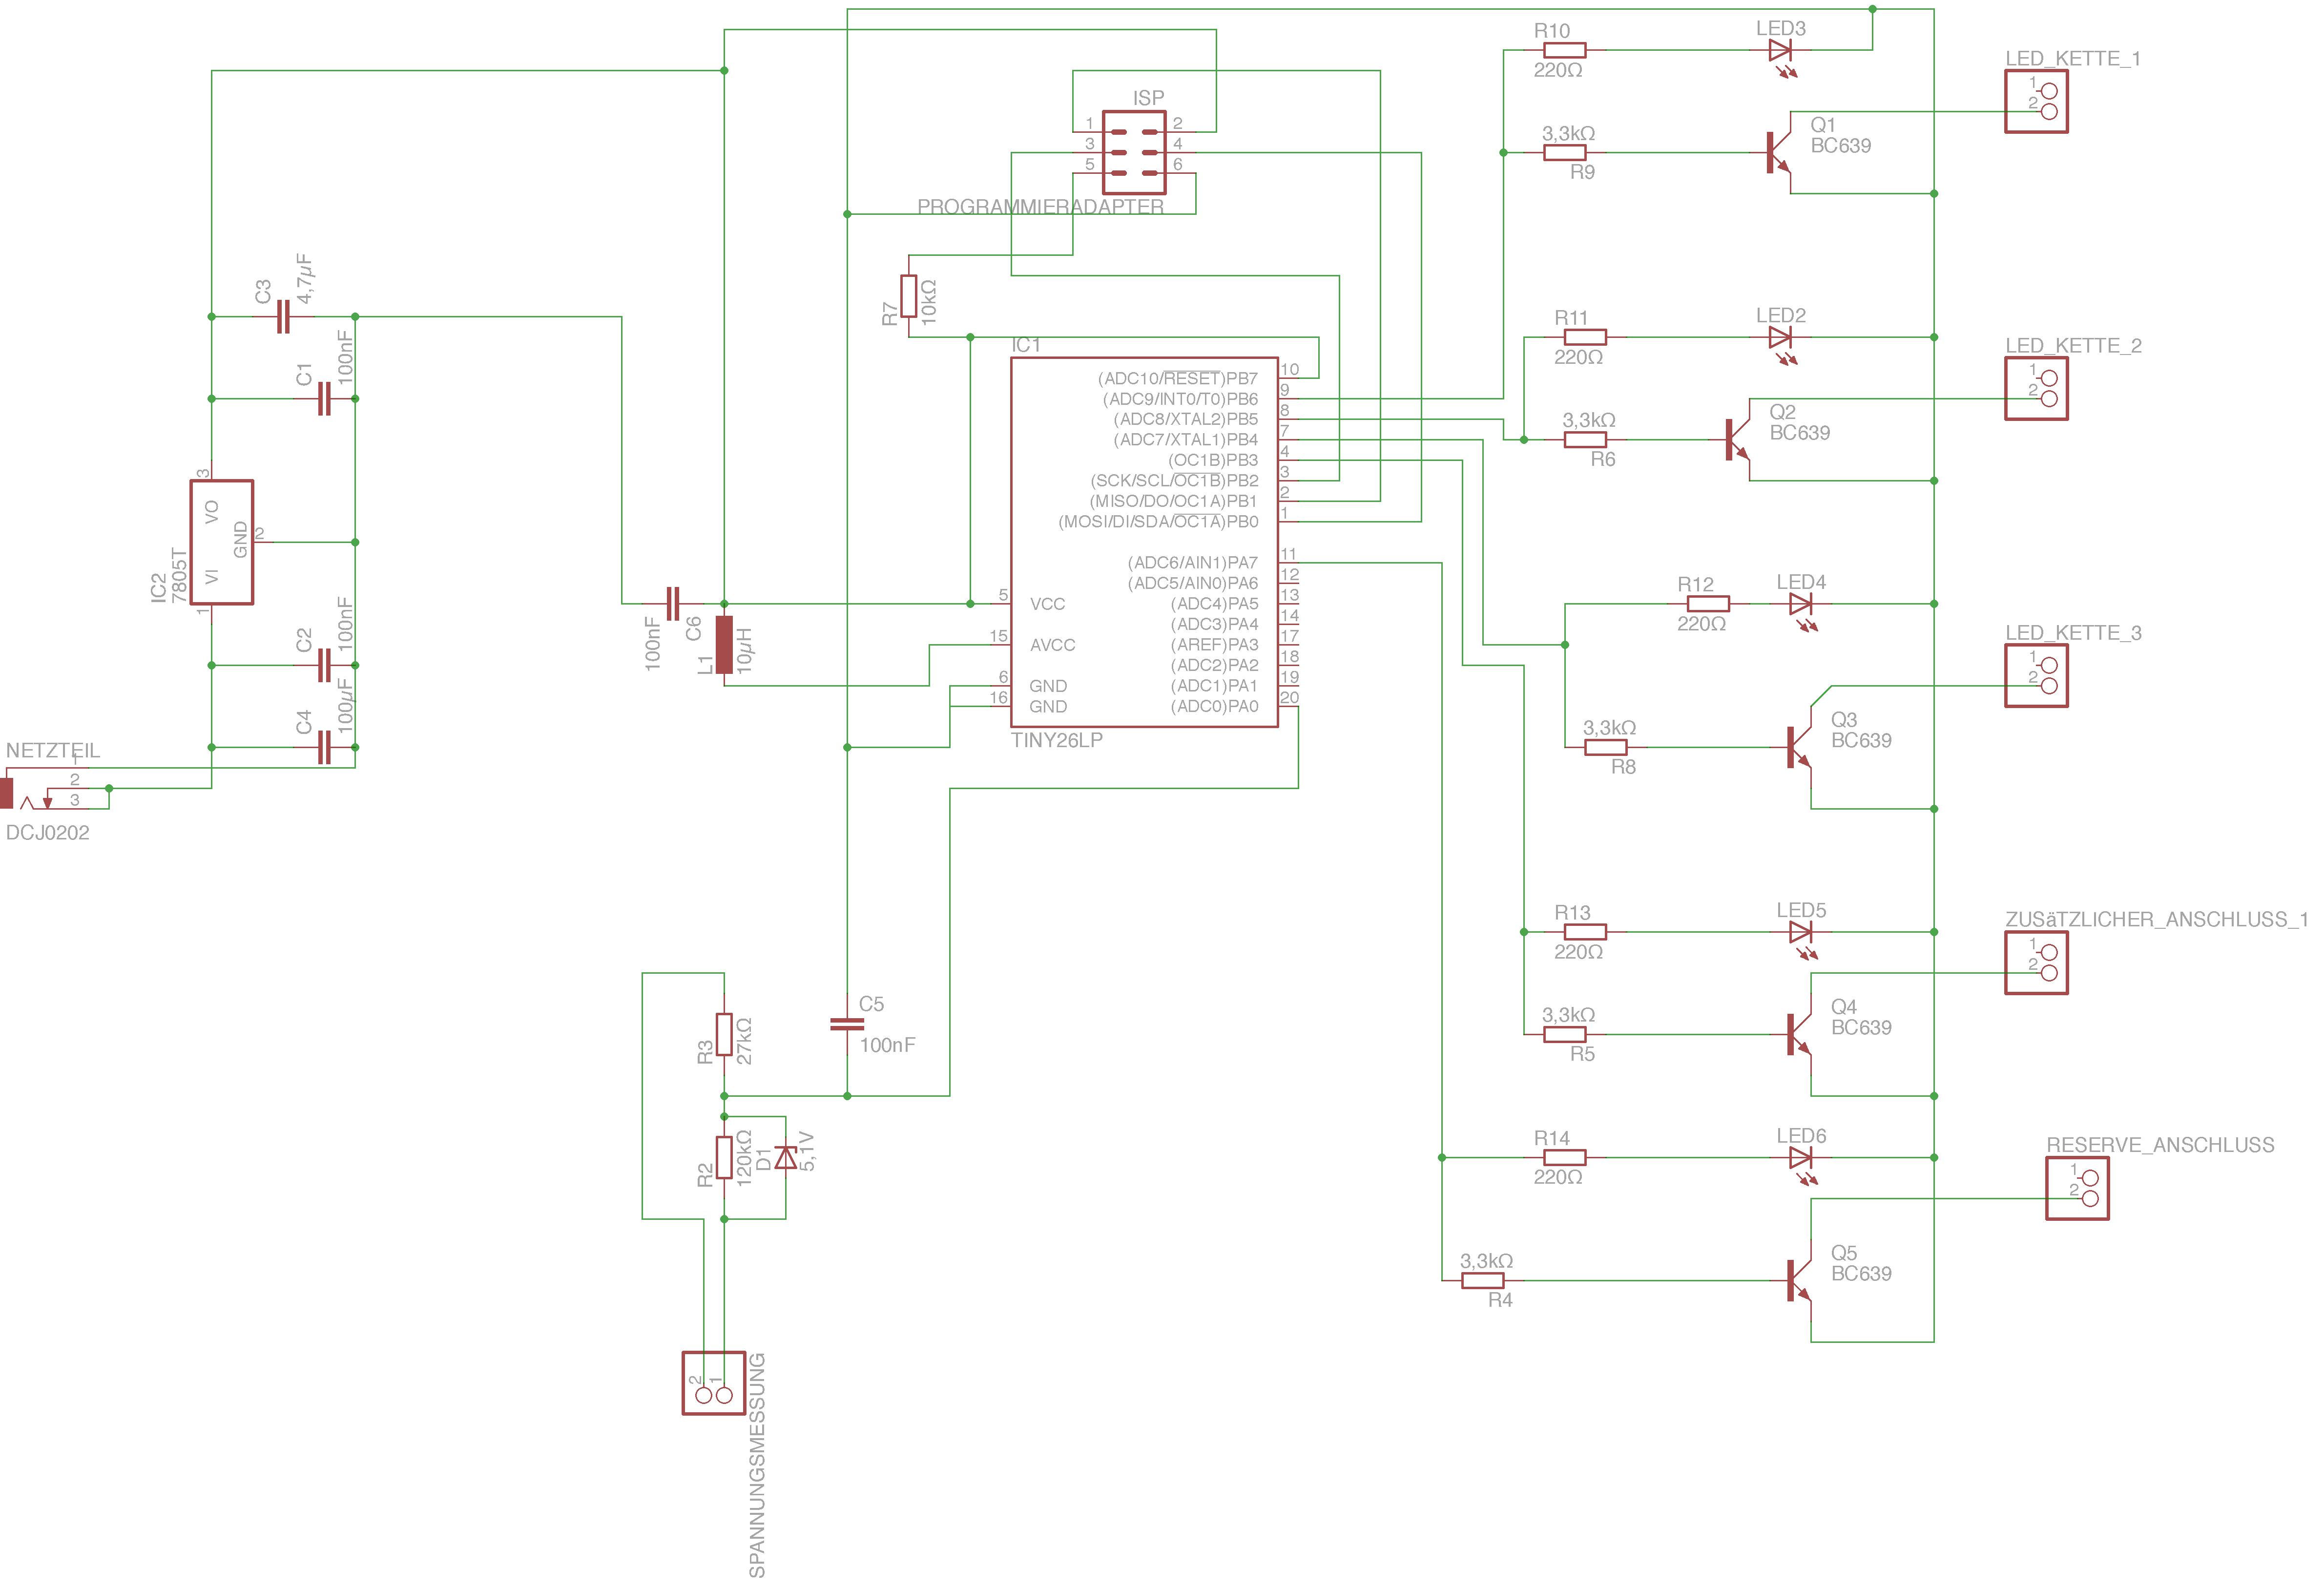 Ausgezeichnet 20 Ampere Einschalten 15 Ampere Schaltung Ideen - Die ...